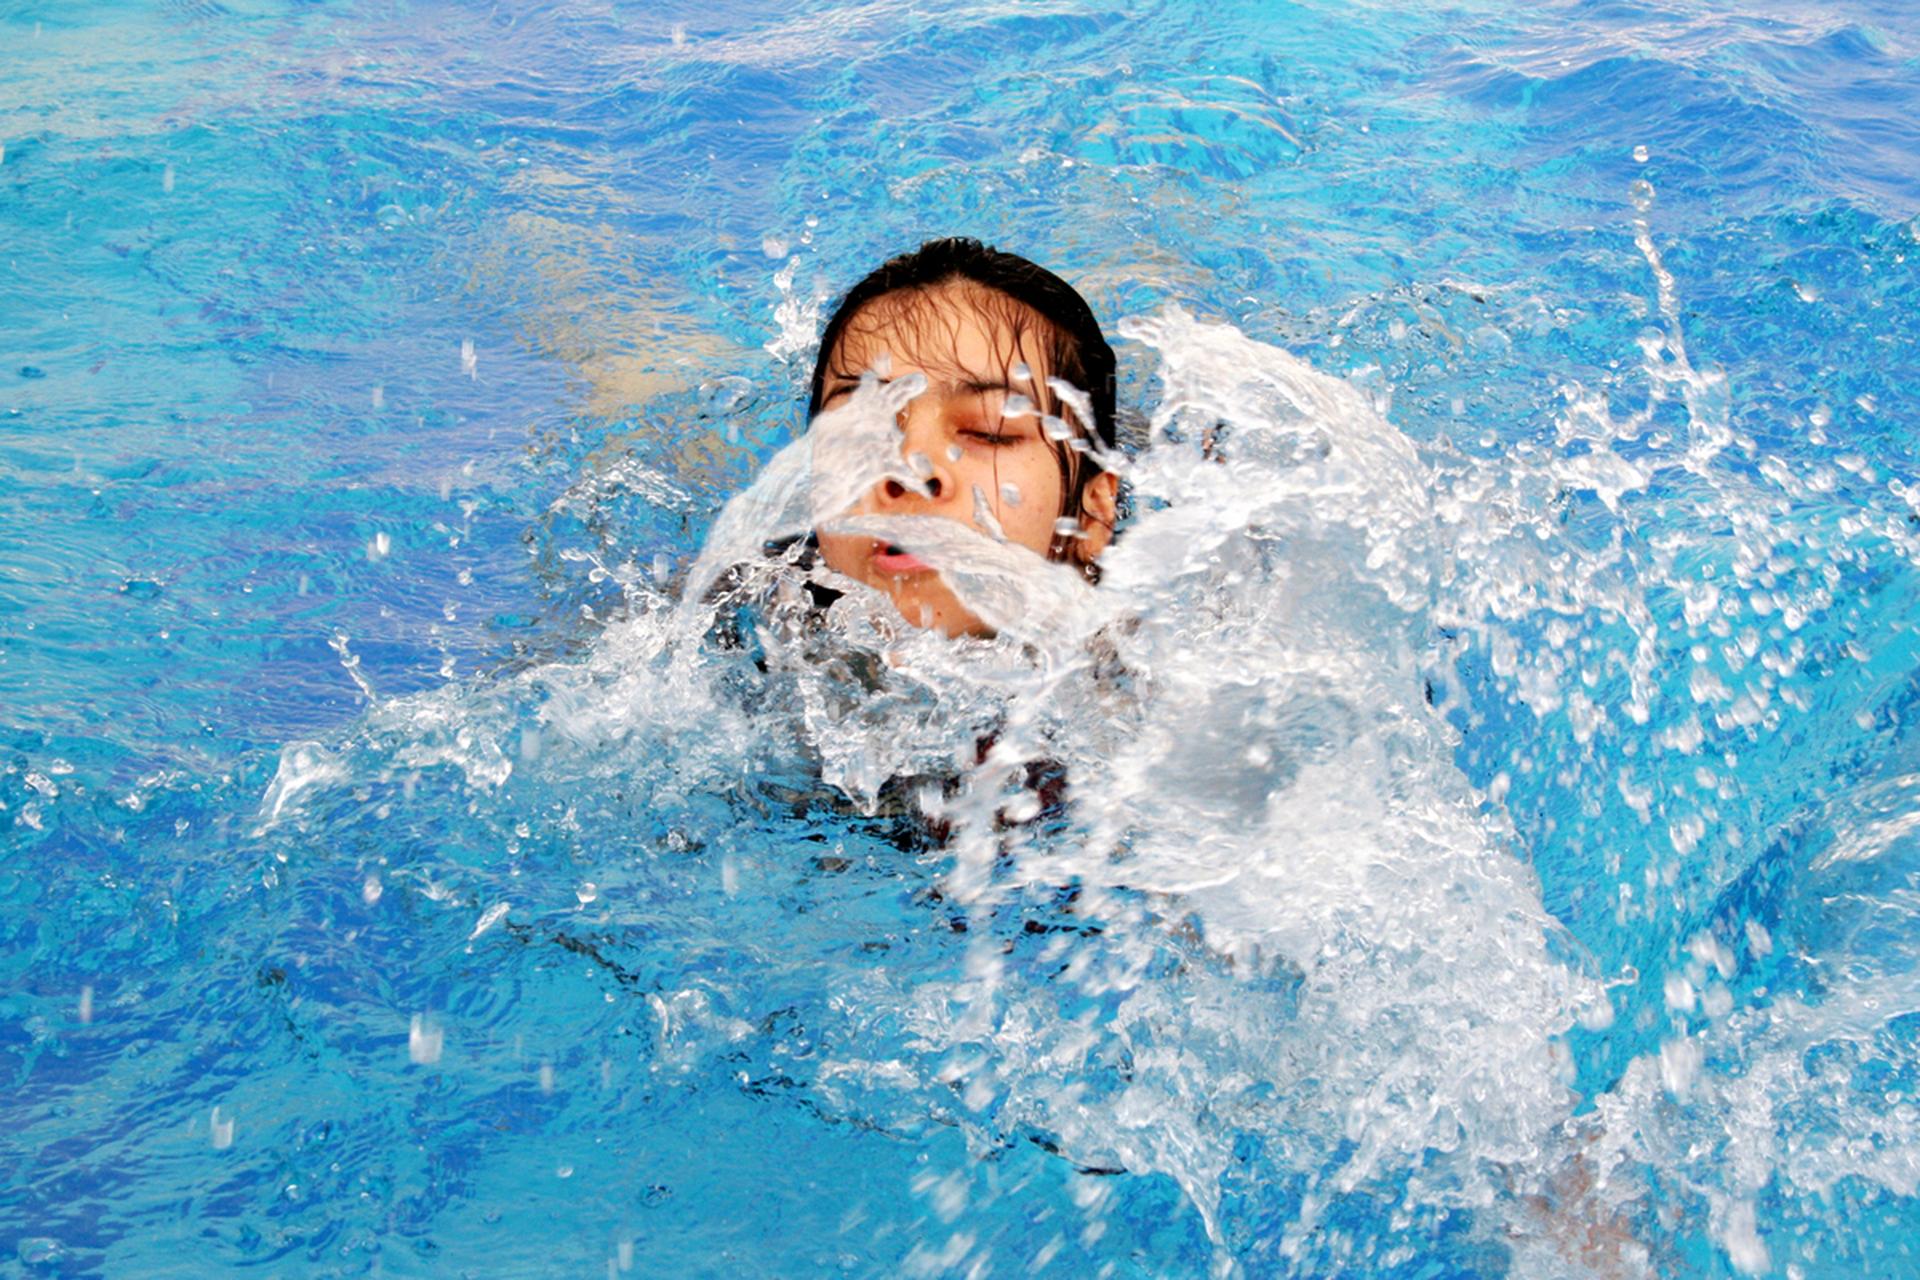 Kolorowe prostokątne zdjęcie przedstawia nastolatkę wbasenie. Czysta błękitna woda. Nastolatka ma mokre ciemne włosy. Zamknięte oczy. Mocno to rozszerzone nozdrza. Wokół twarzy białe rozpryskujące wróżnych kierunkach krople wody.